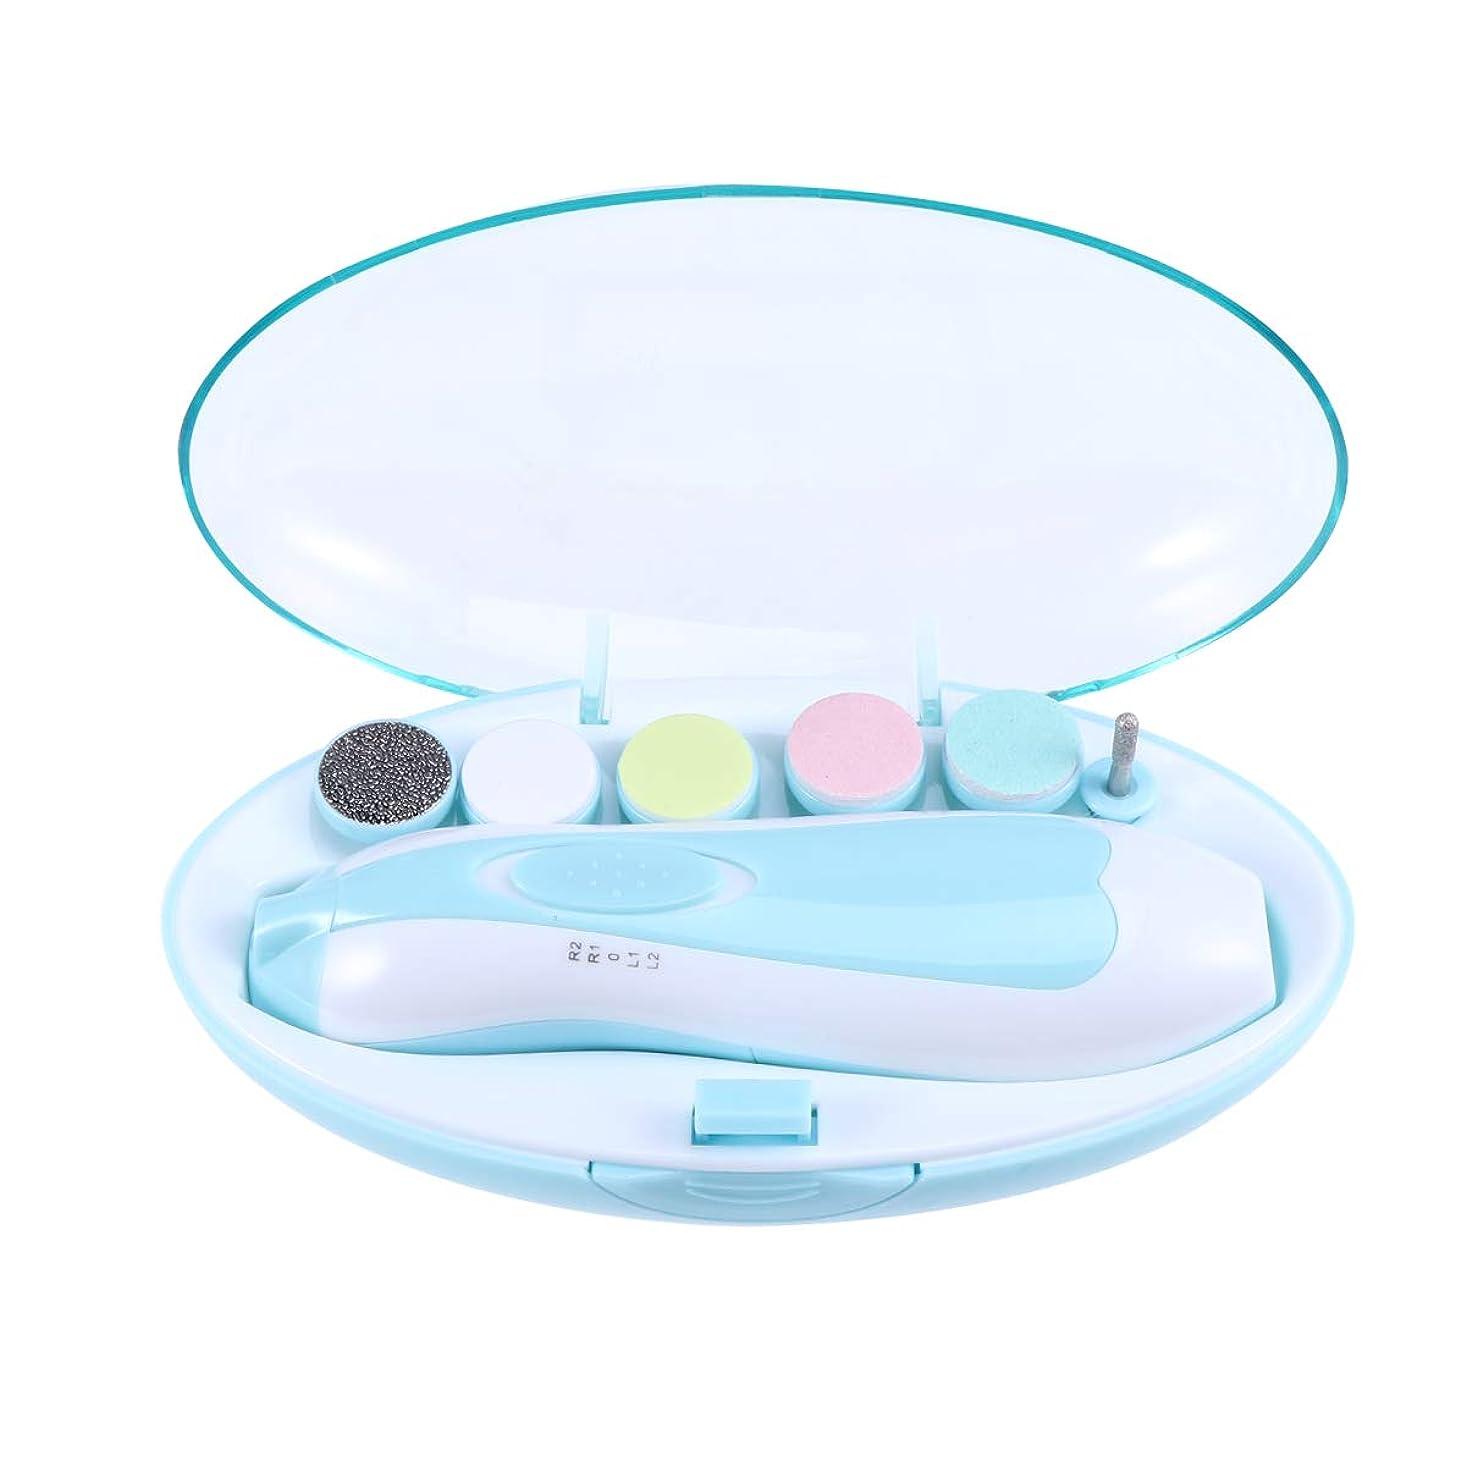 先住民思想変えるSUPVOX 赤ん坊の釘ファイル電気赤ん坊の釘のトリマーの幼児/幼児/子供のための多機能のネイルポリッシャー